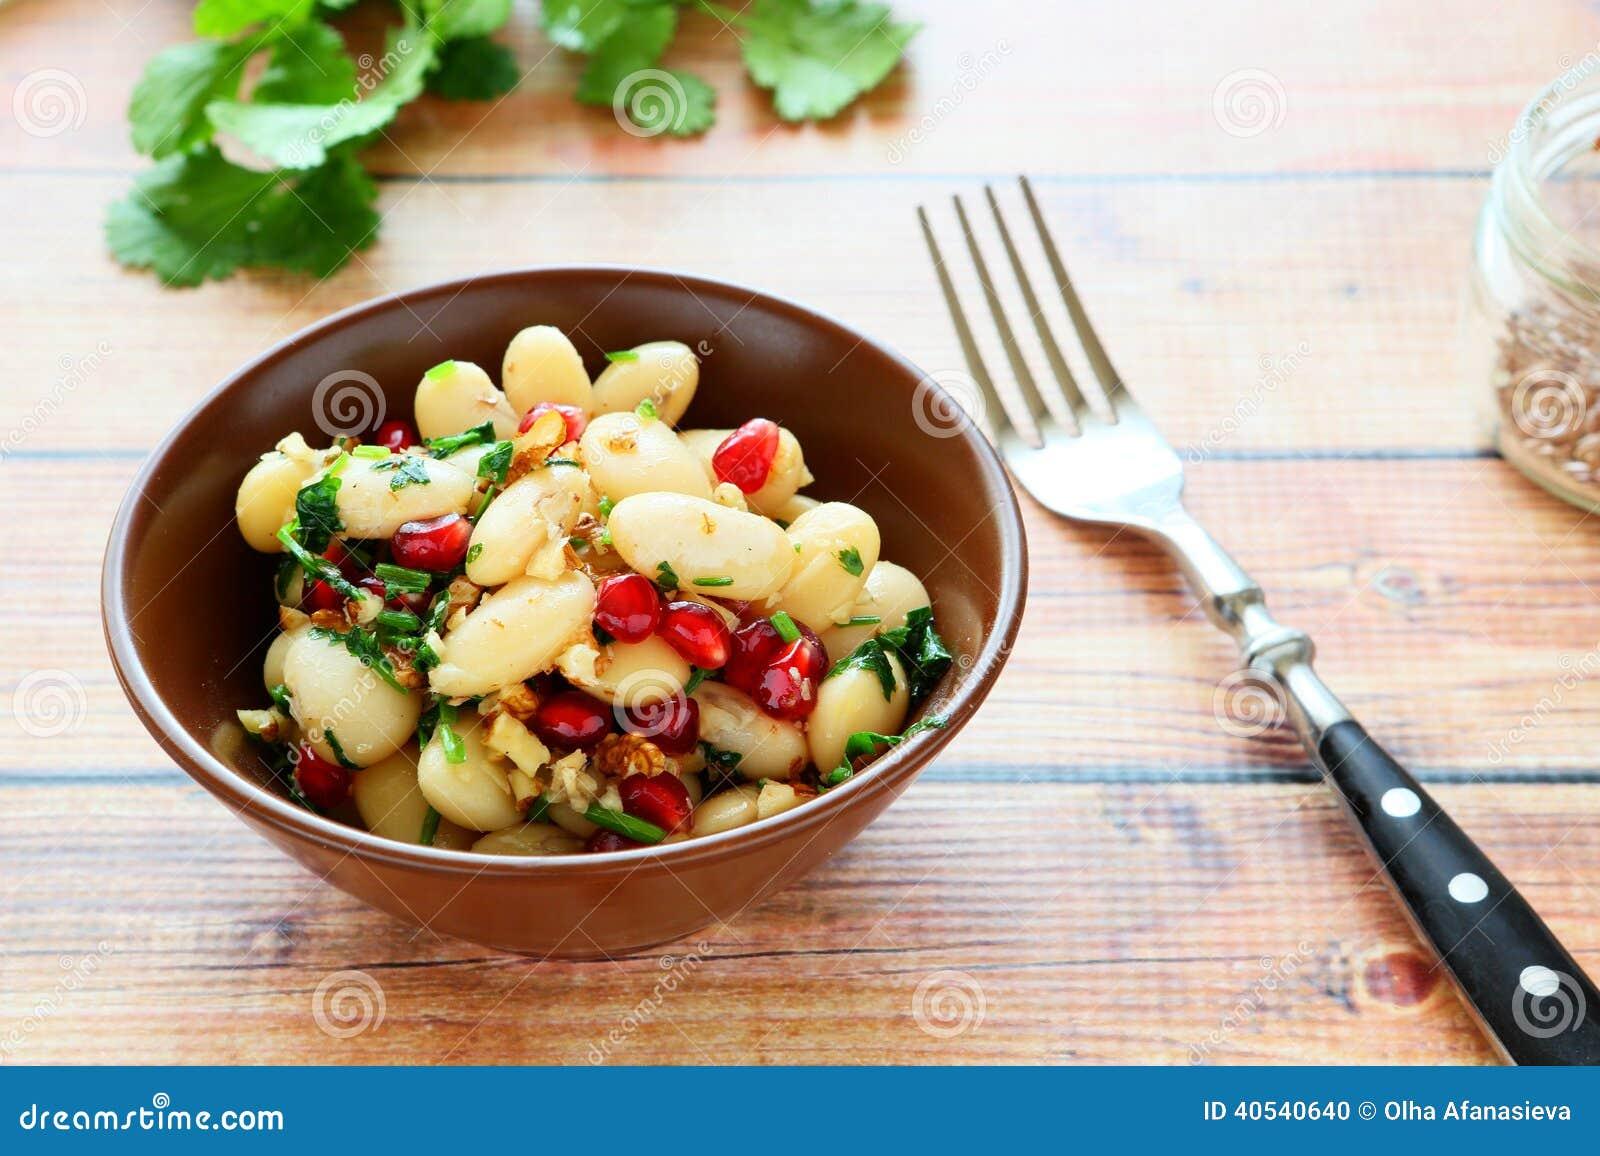 wei e bohnen in einem salat mit koriander und granatapfel stockfoto bild 40540640. Black Bedroom Furniture Sets. Home Design Ideas